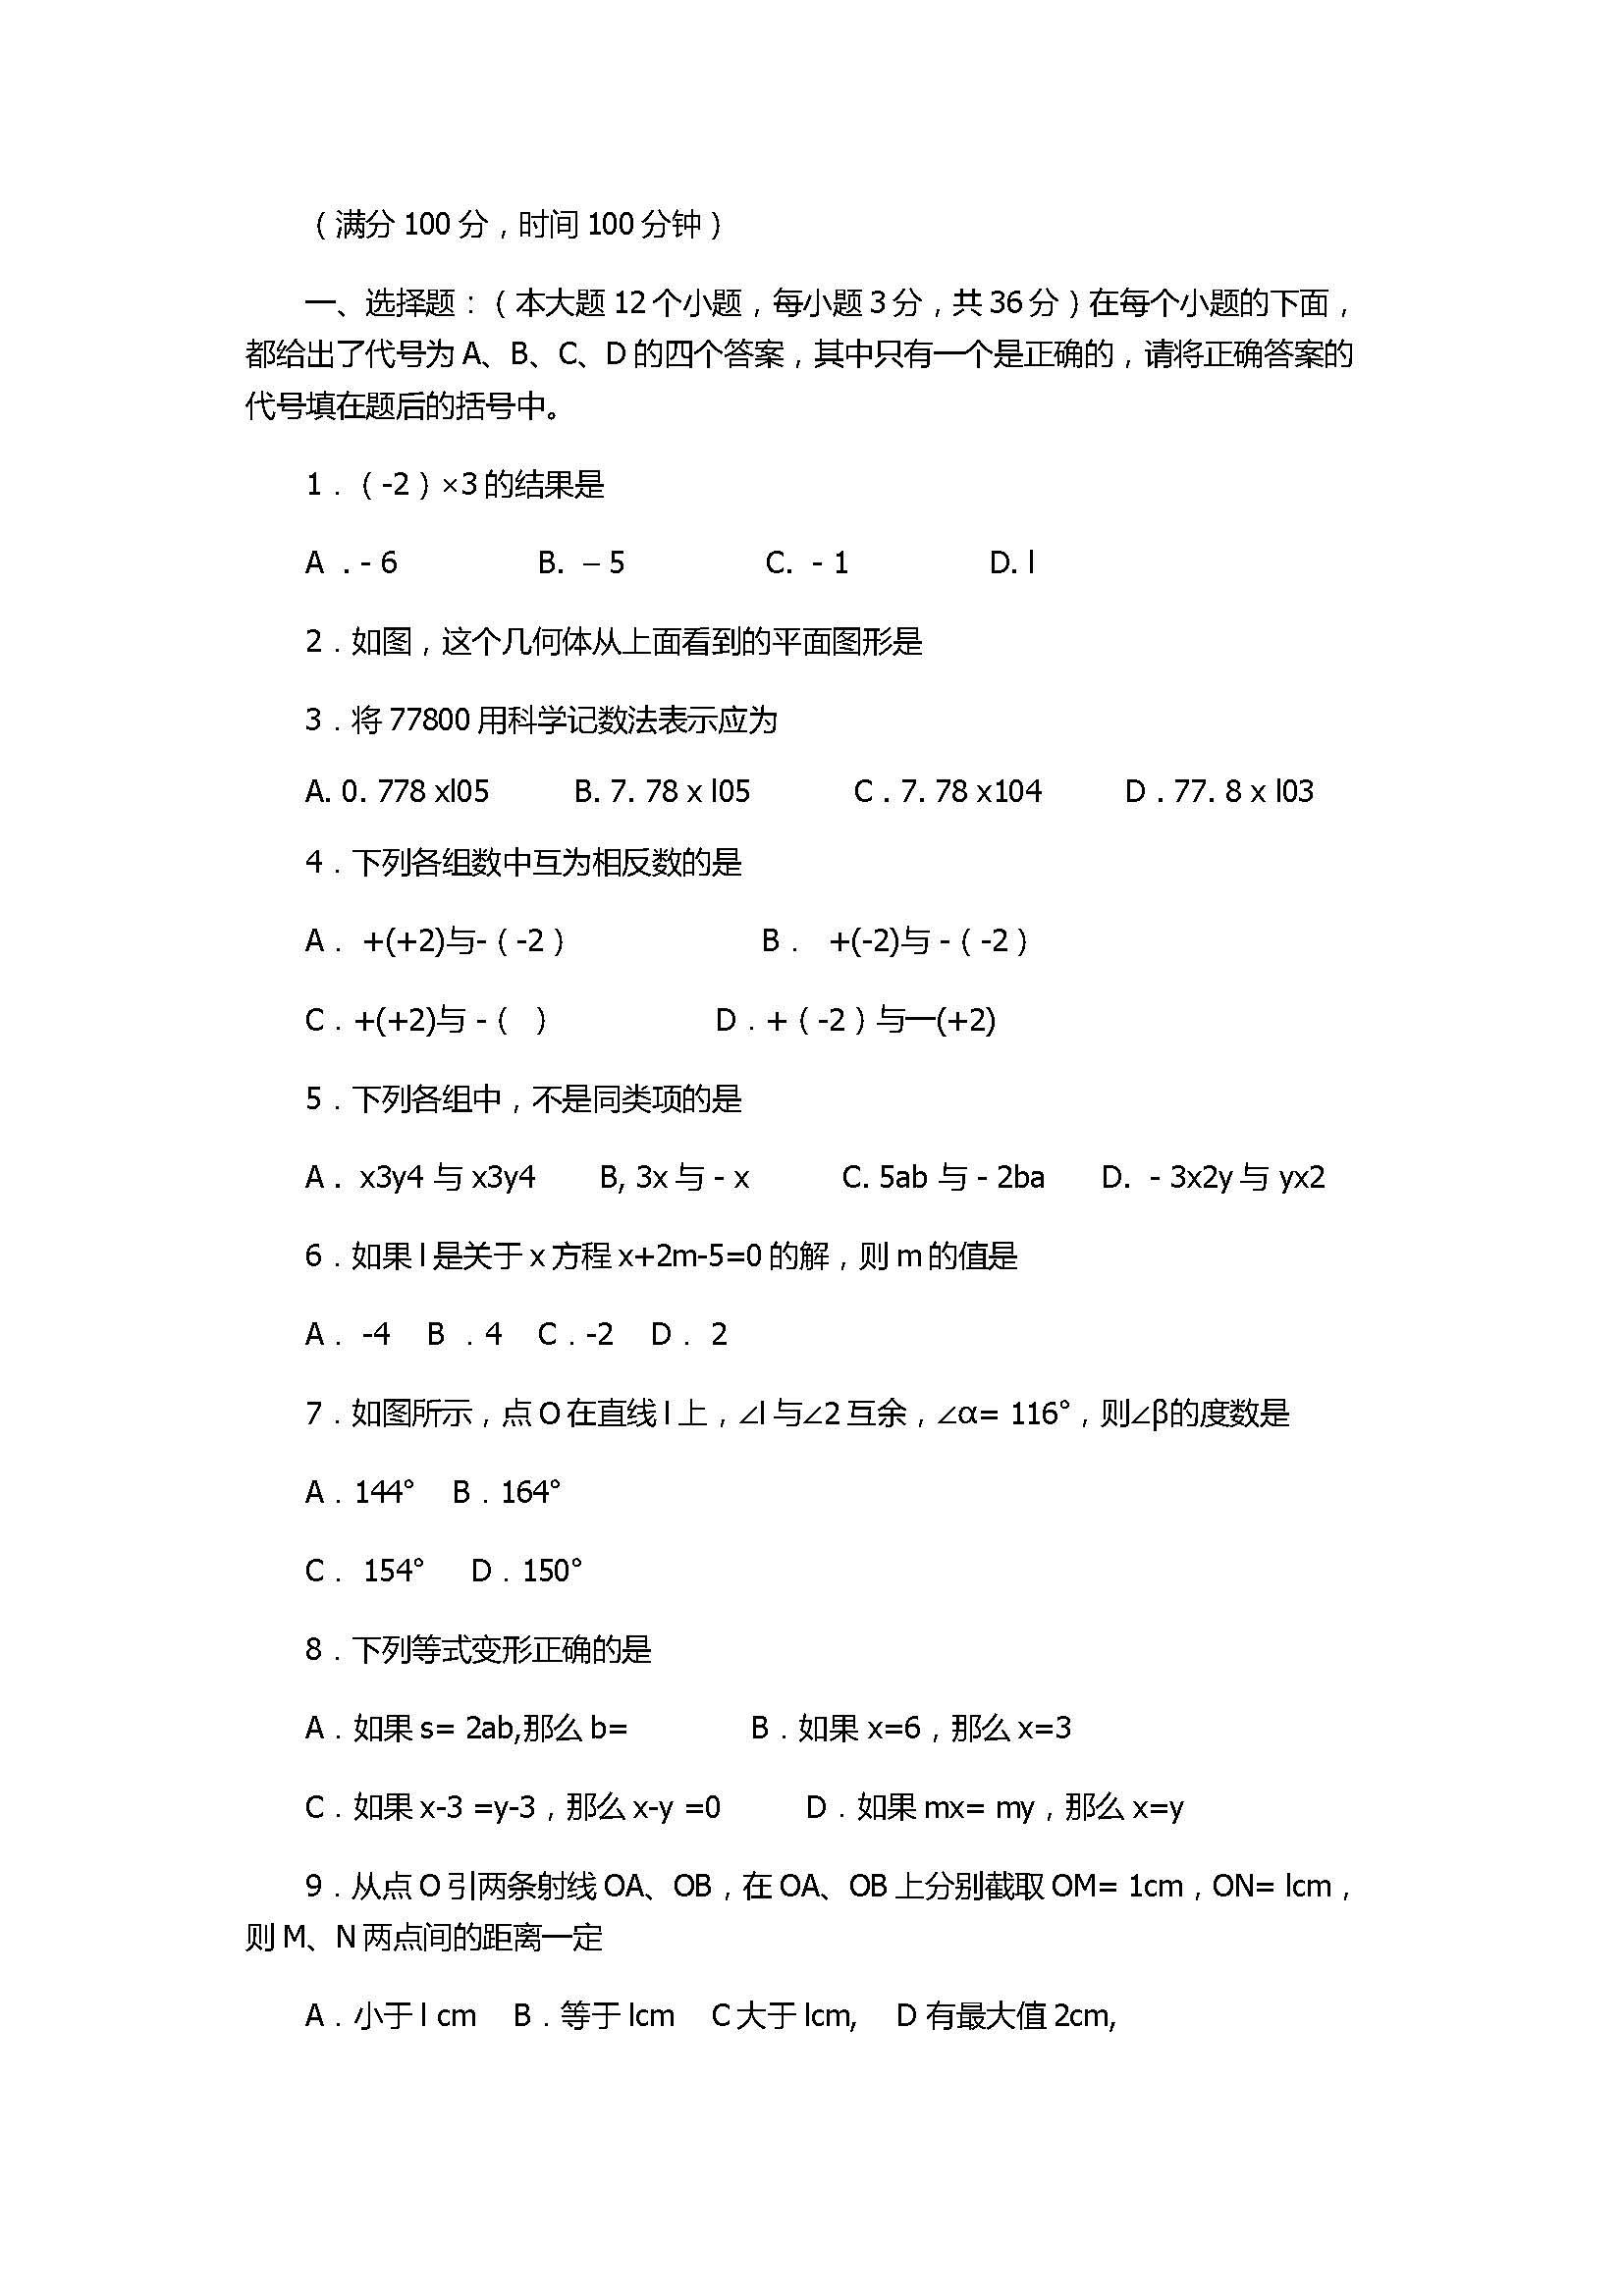 2017七年级数学期末考试题附参考答案(芜湖市)